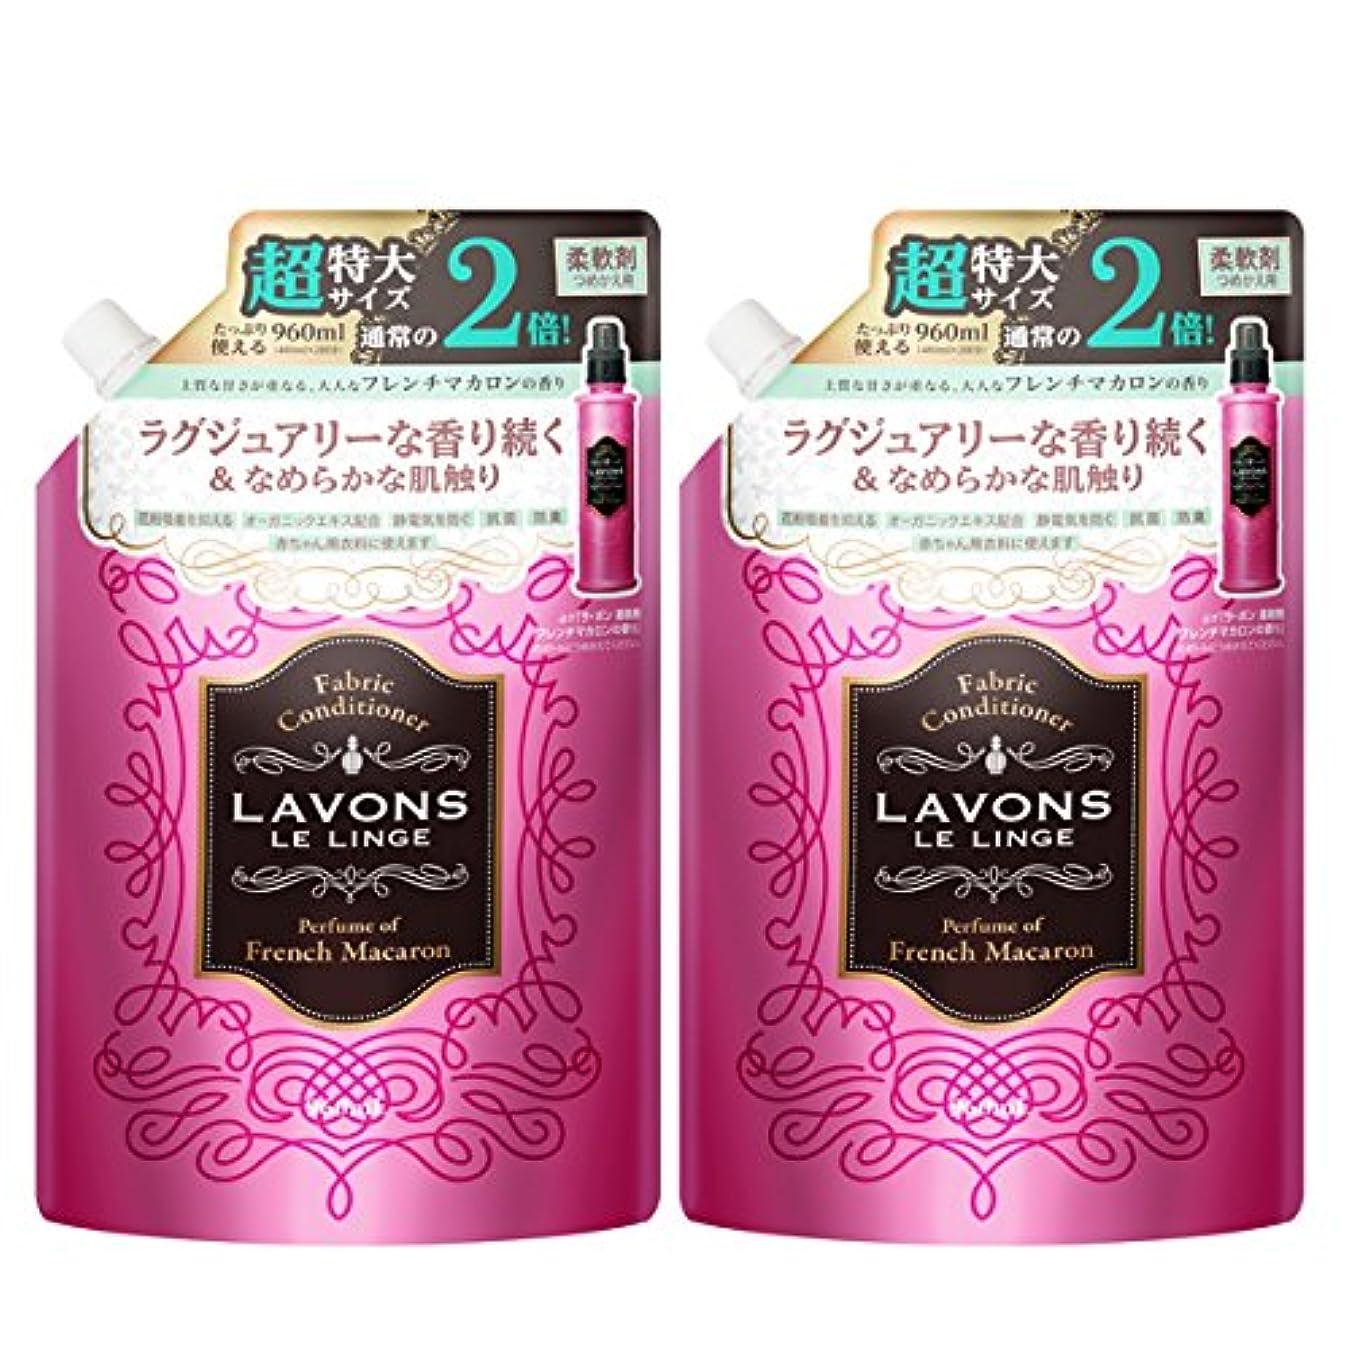 ズームインする透過性機動ラボン ( Lavons )  柔軟剤詰替え フレンチマカロンの香り大容量 2個